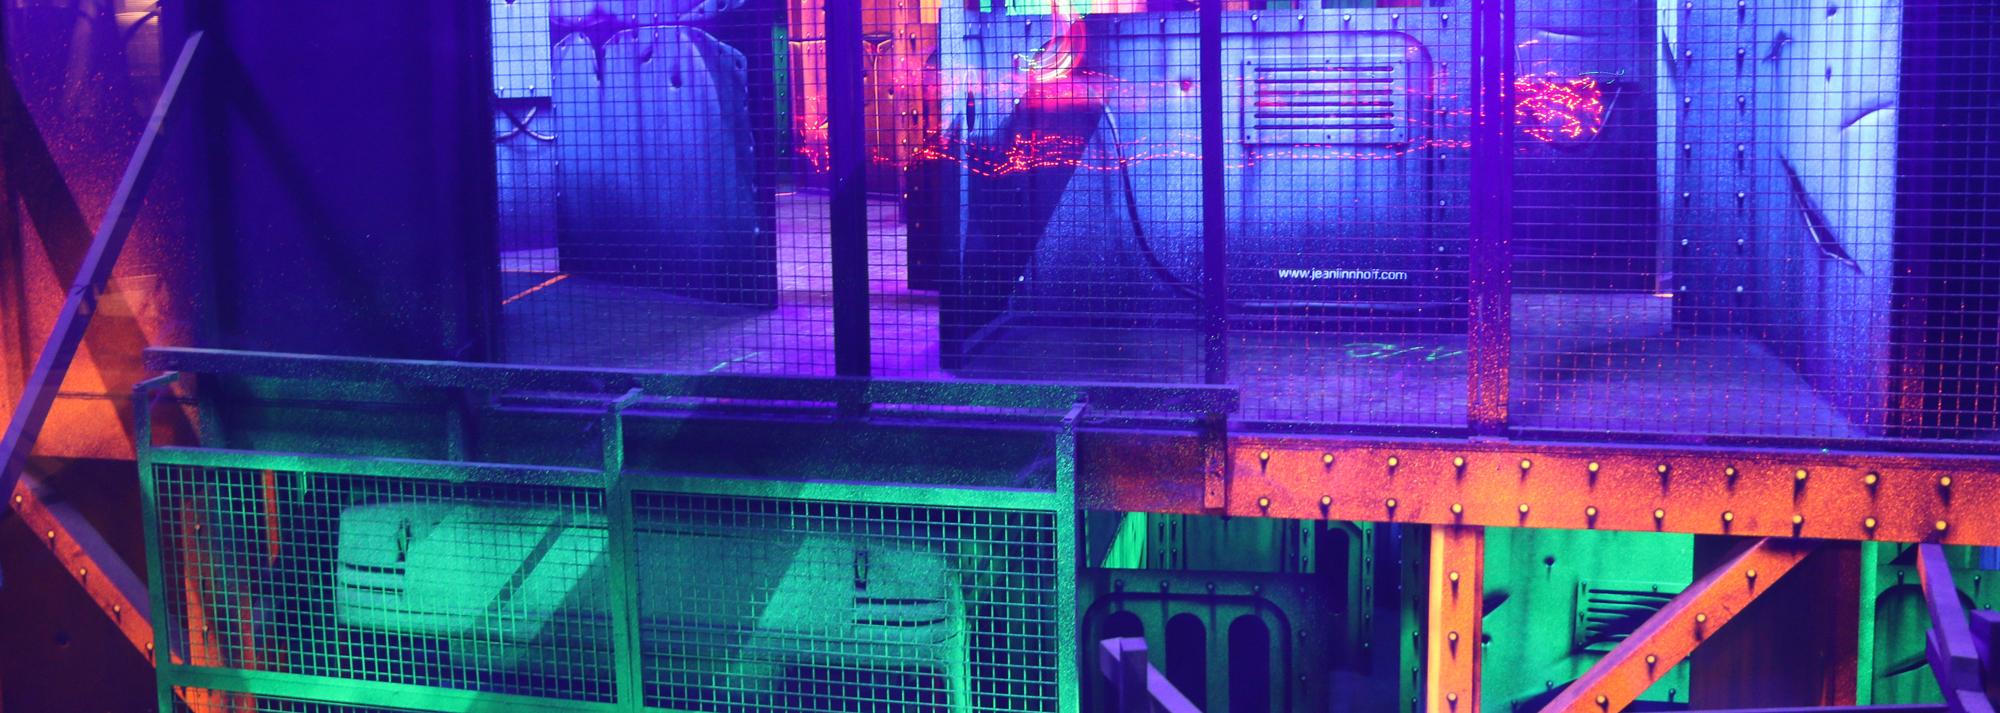 Le Laser Game De Besancon Megazone Besancon